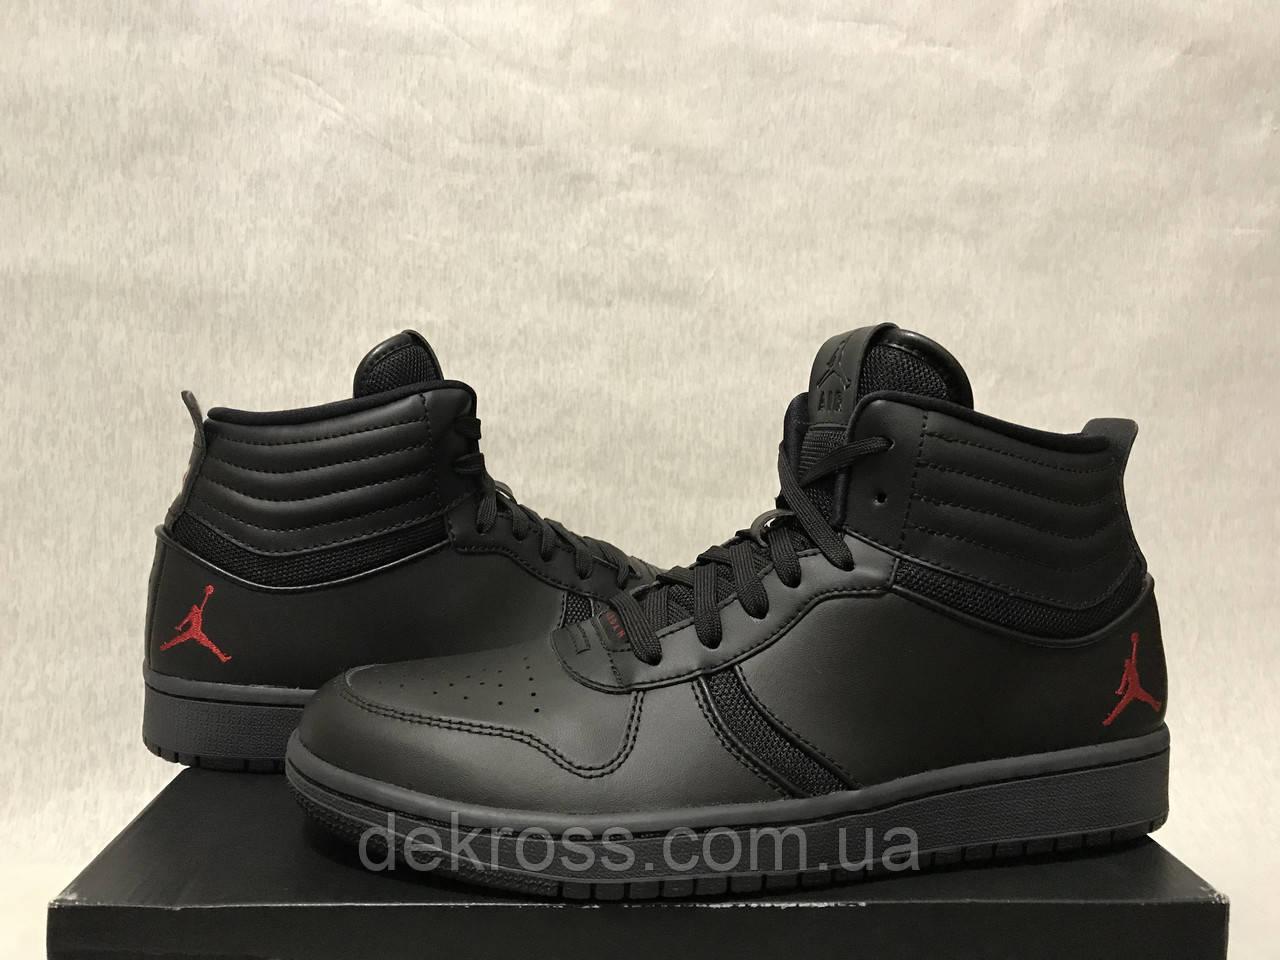 102c74d8 Баскетбольные кроссовки Jordan Heritage Оригинал 886312-001 -  Интернет-магазин Dekross в Киеве